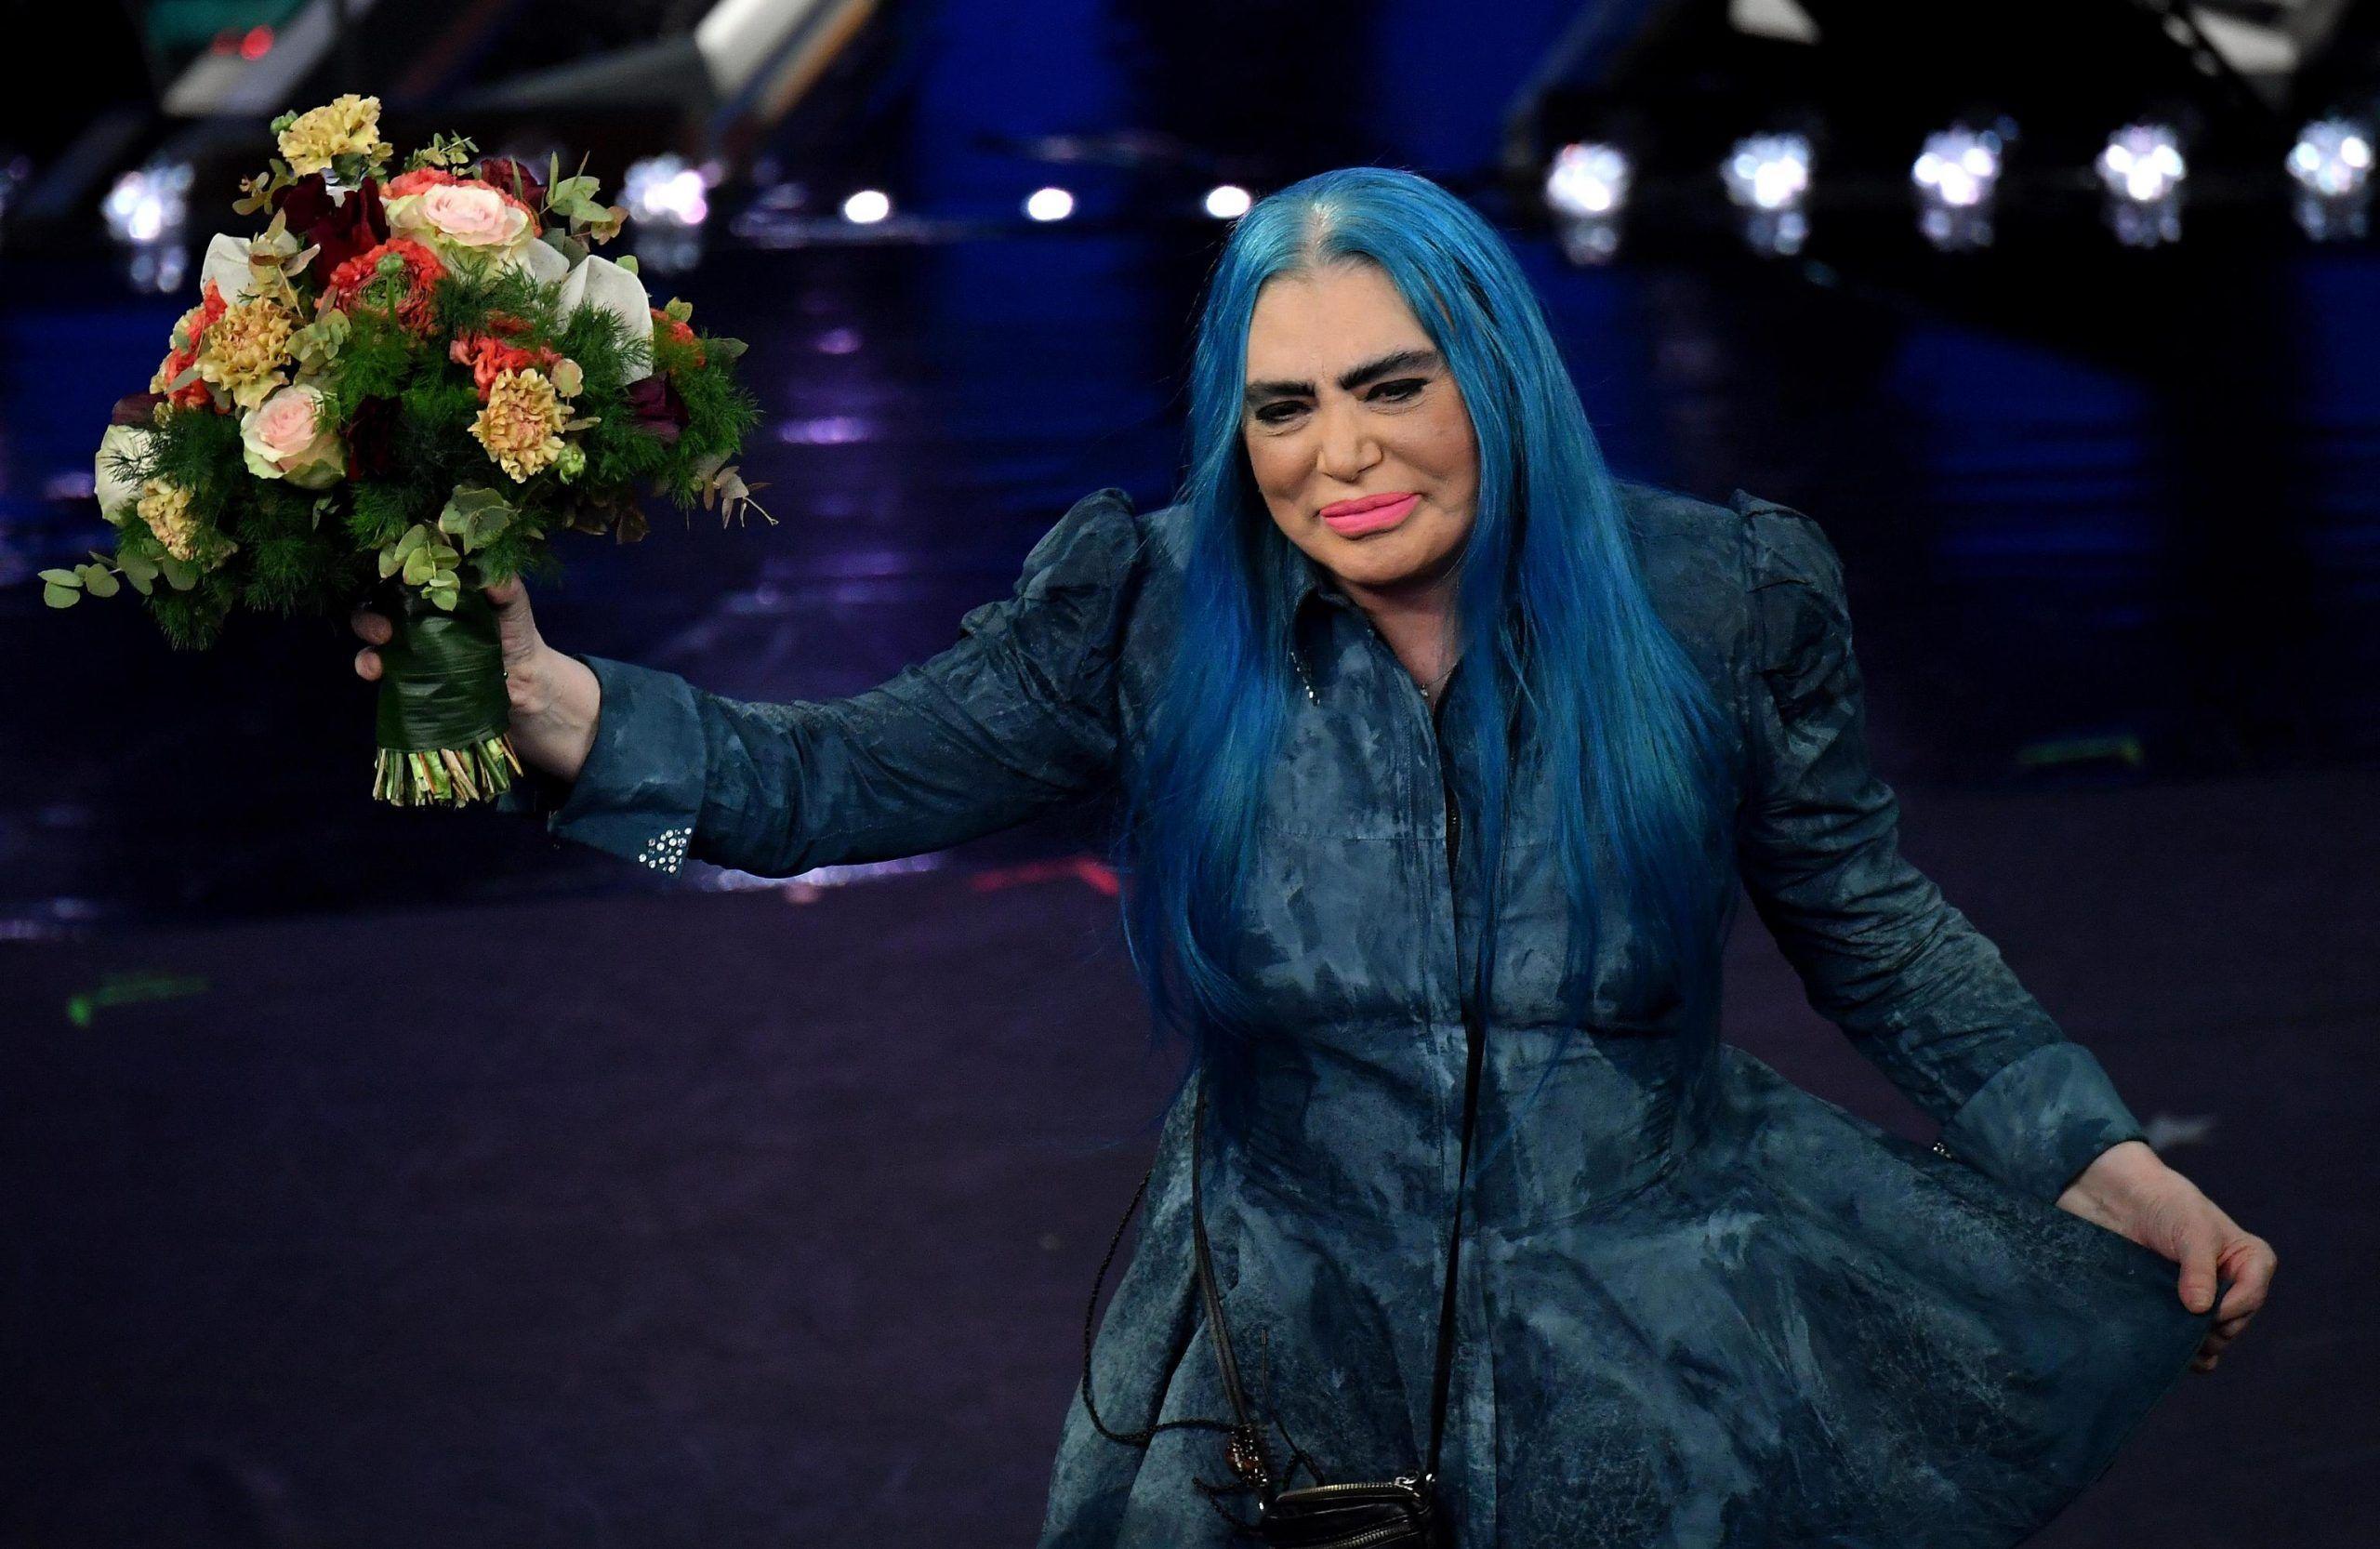 Loredana Bertè: 'Il quarto posto a Sanremo 2019 è un'ingiustizia'